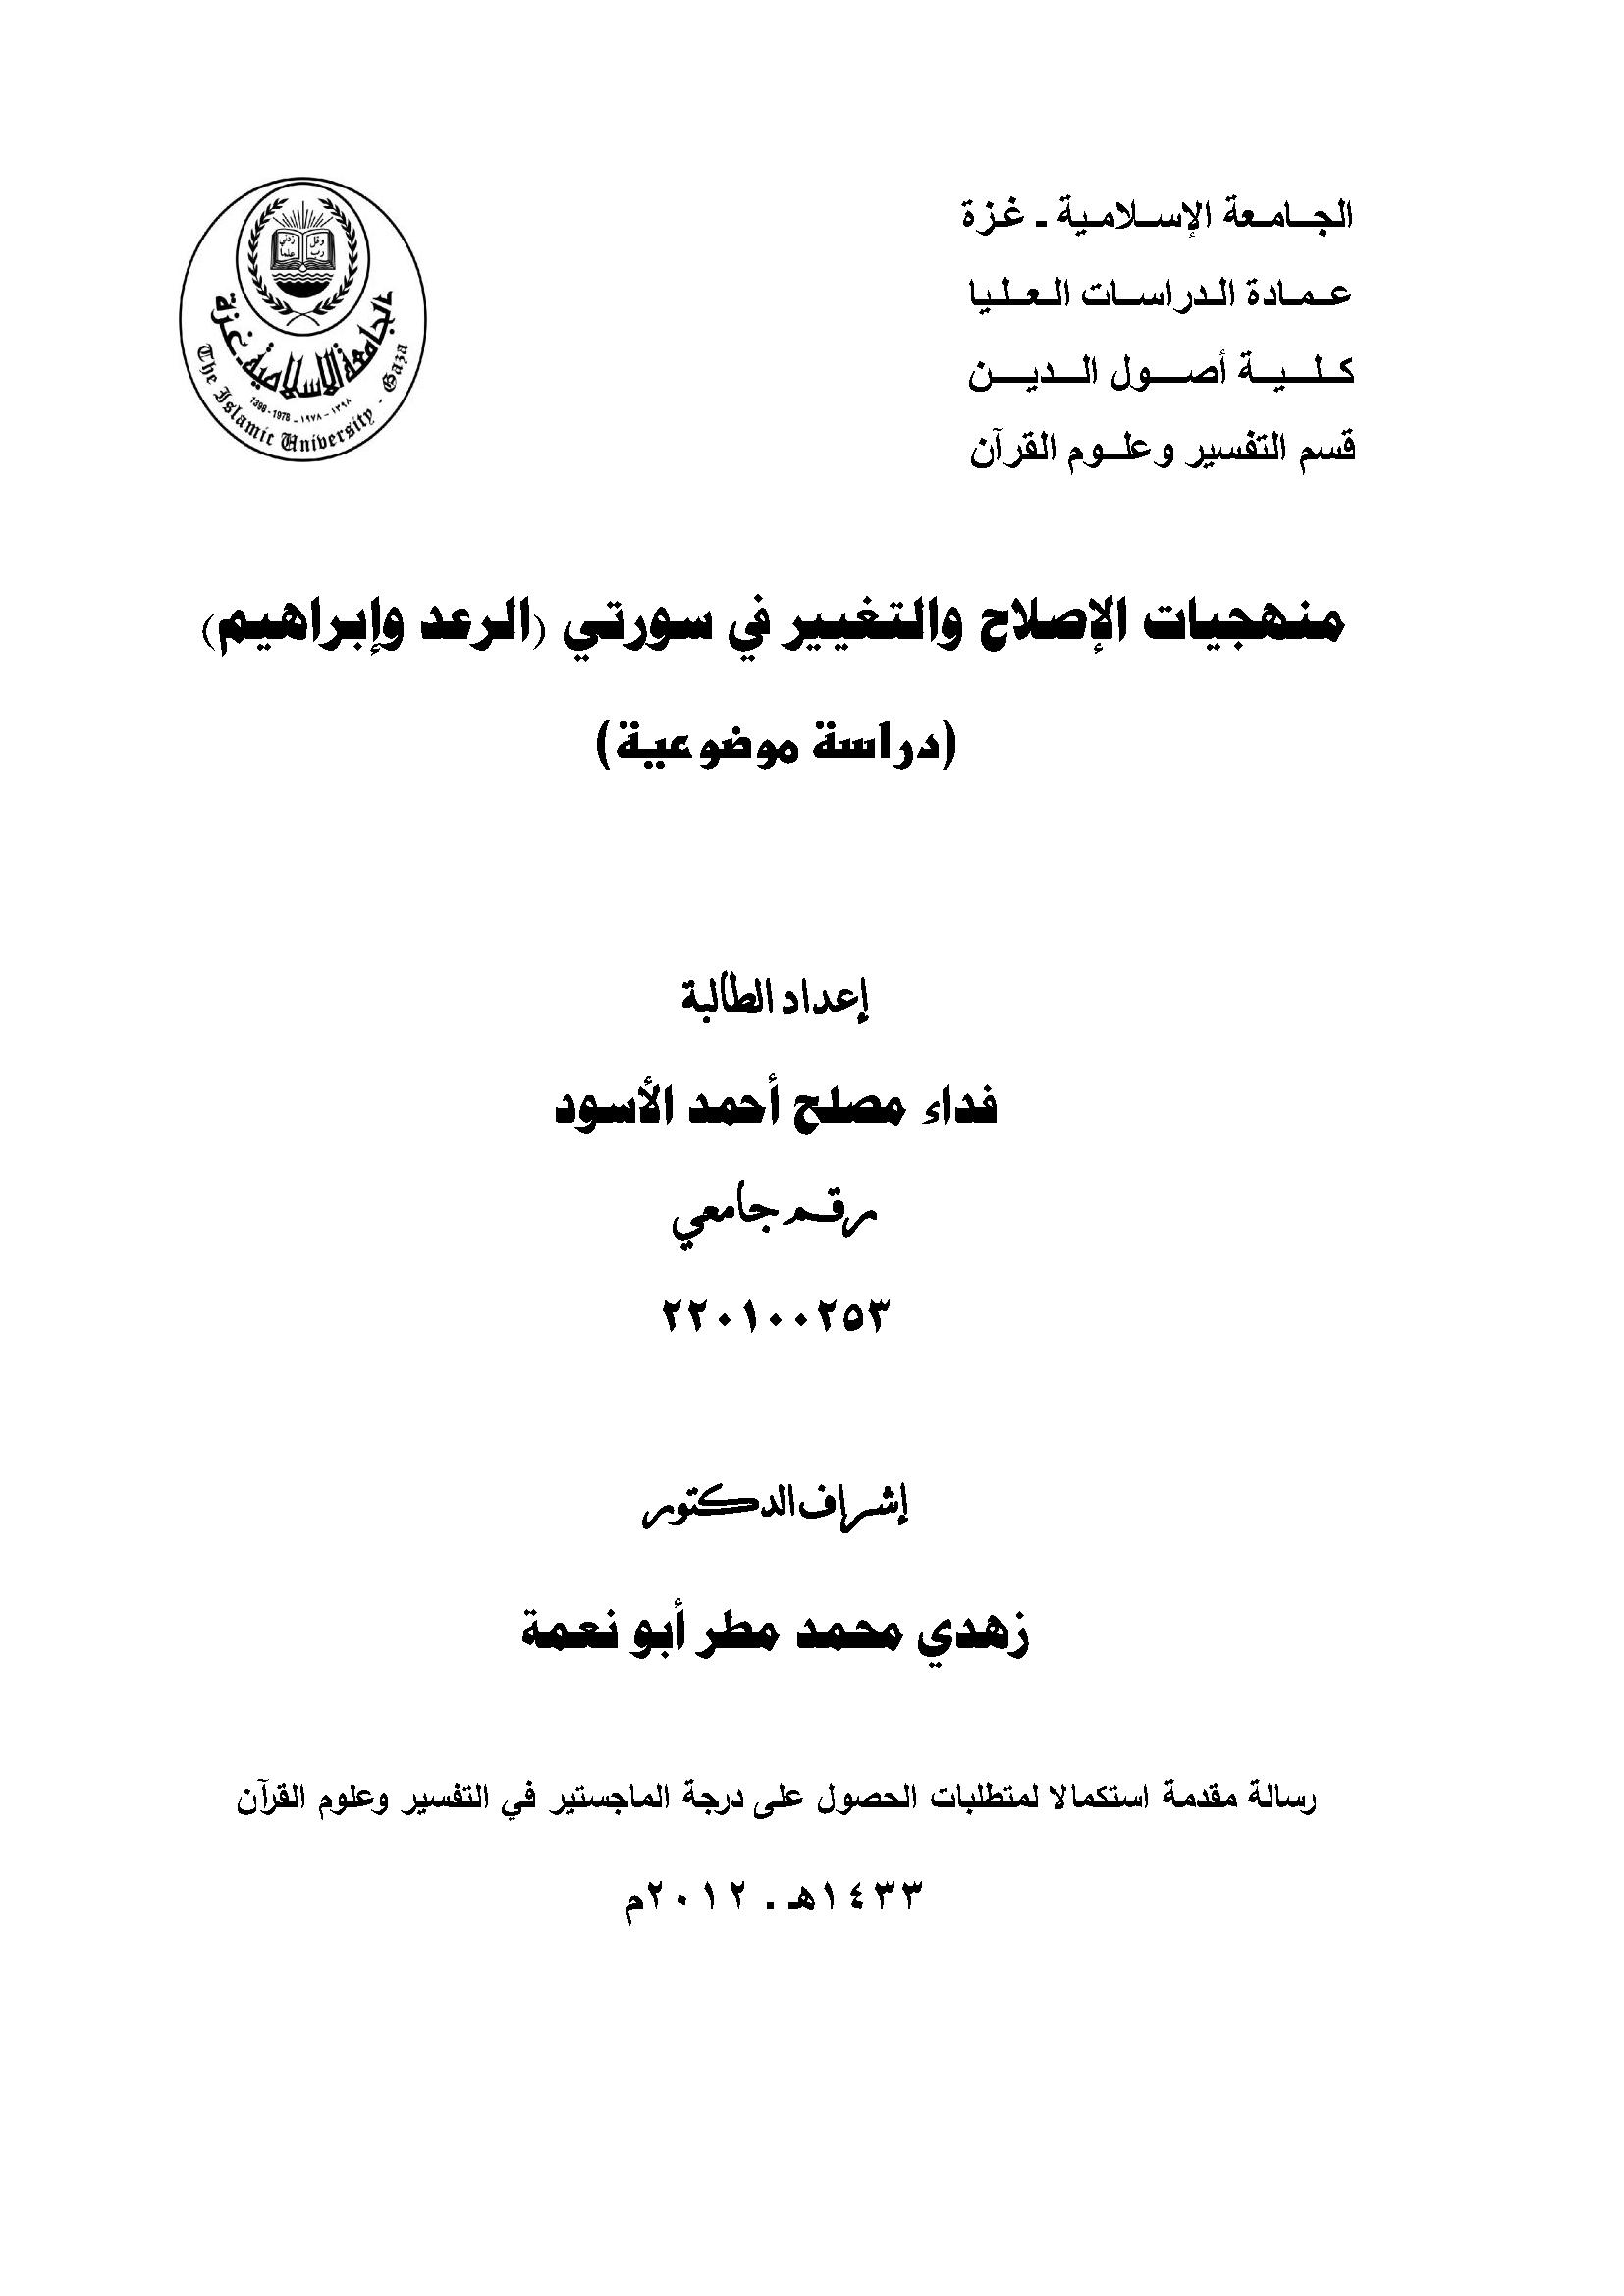 تحميل كتاب منهجيات الإصلاح والتغيير في سورتي الرعد وإبراهيم (دراسة موضوعية) لـِ: فداء مصلح أحمد الأسود